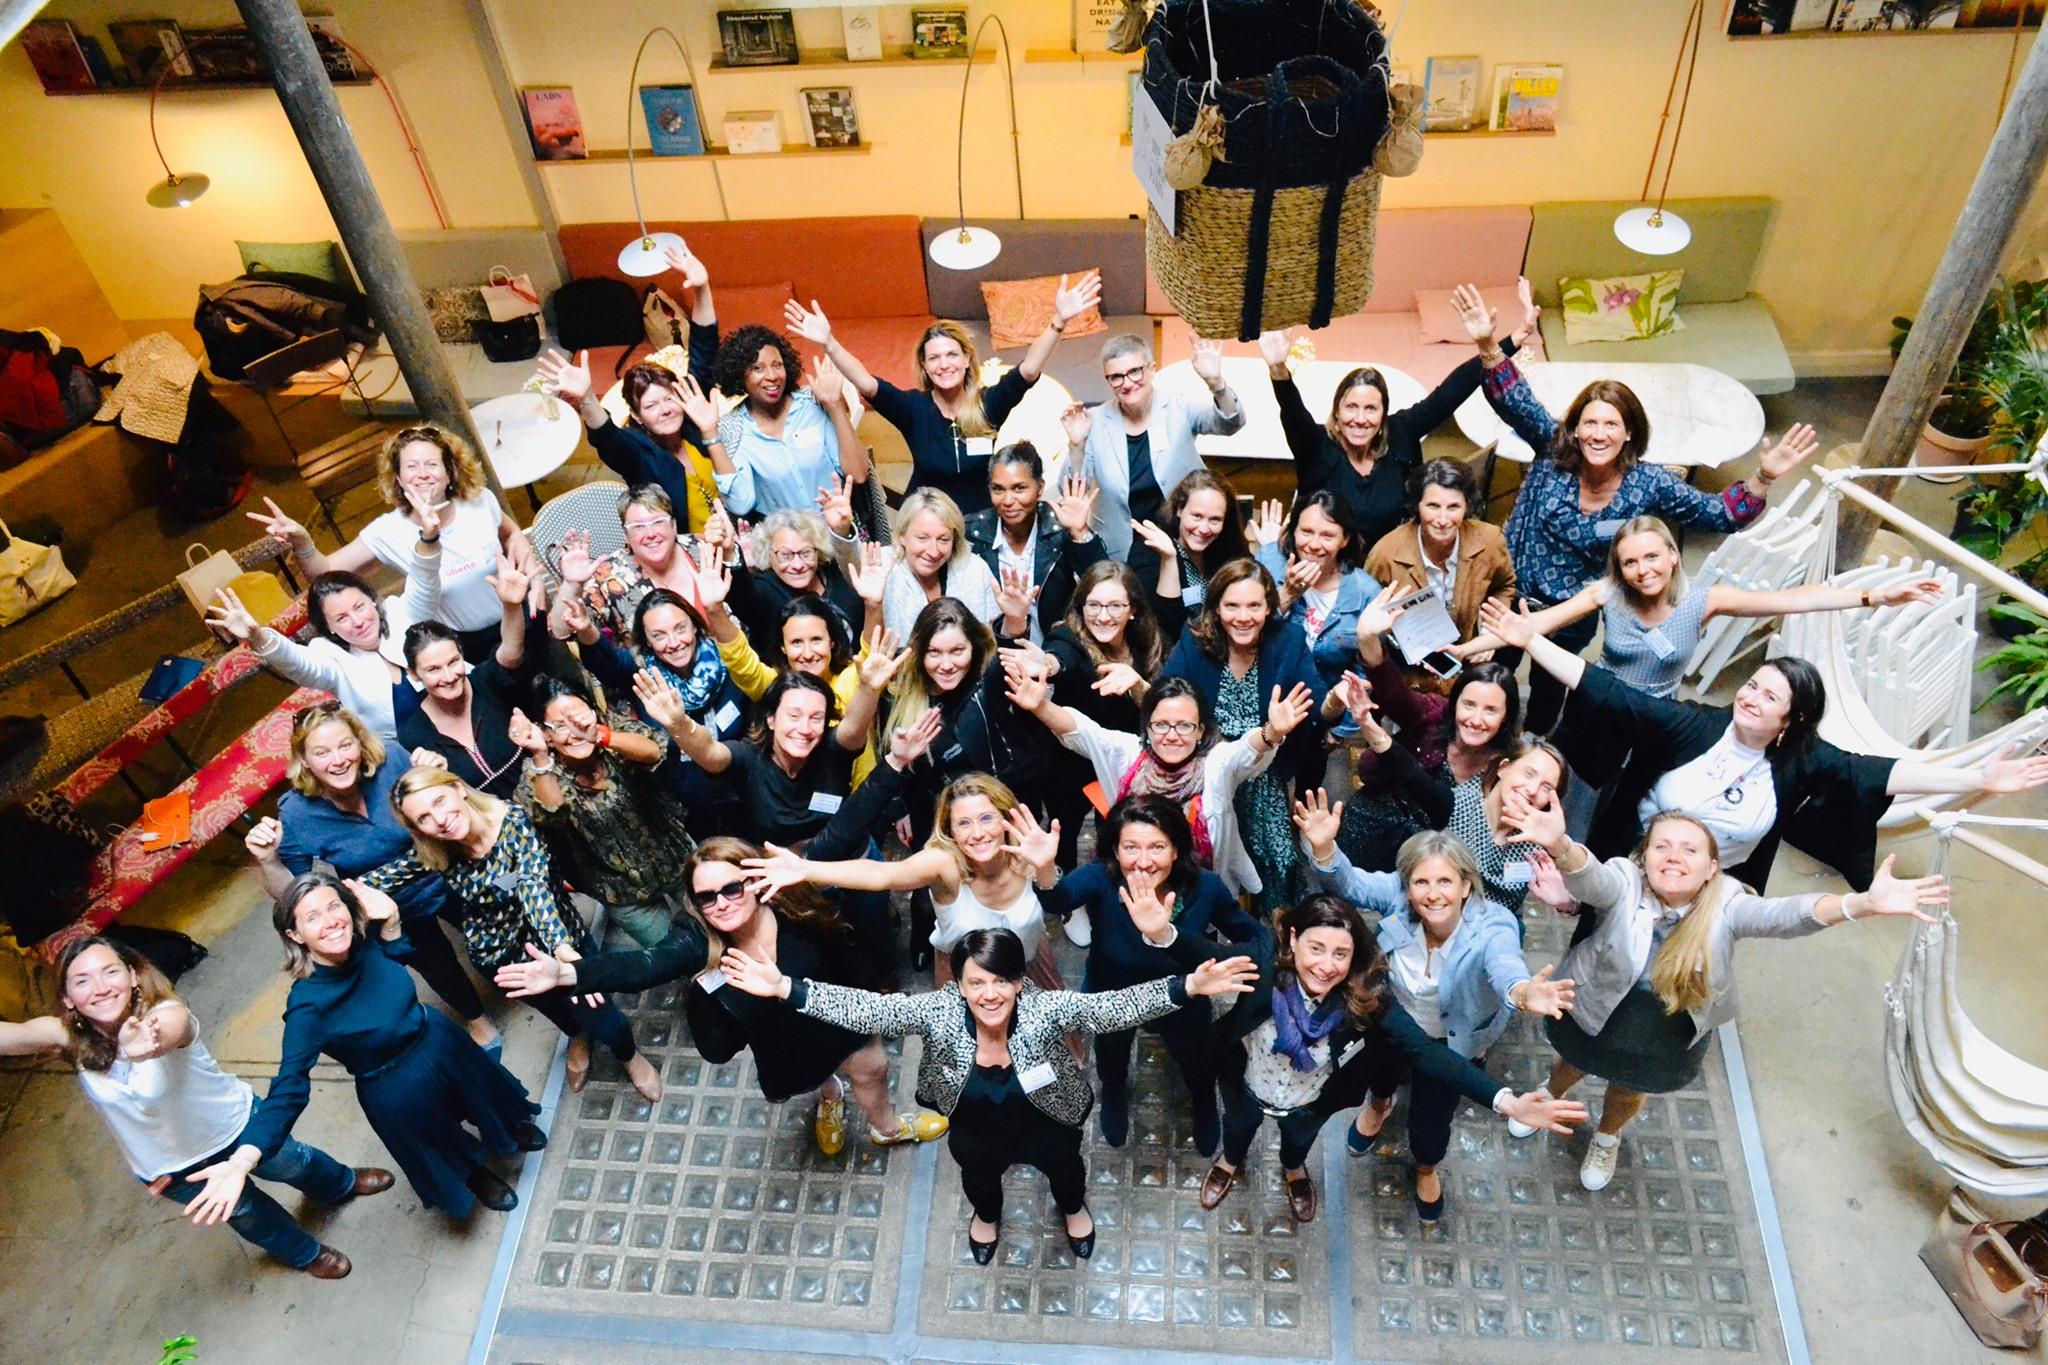 Sofiouest plébiscite l'entrepreneuriat au féminin en soutenant financièrement l'entreprise Bouge ta Boite